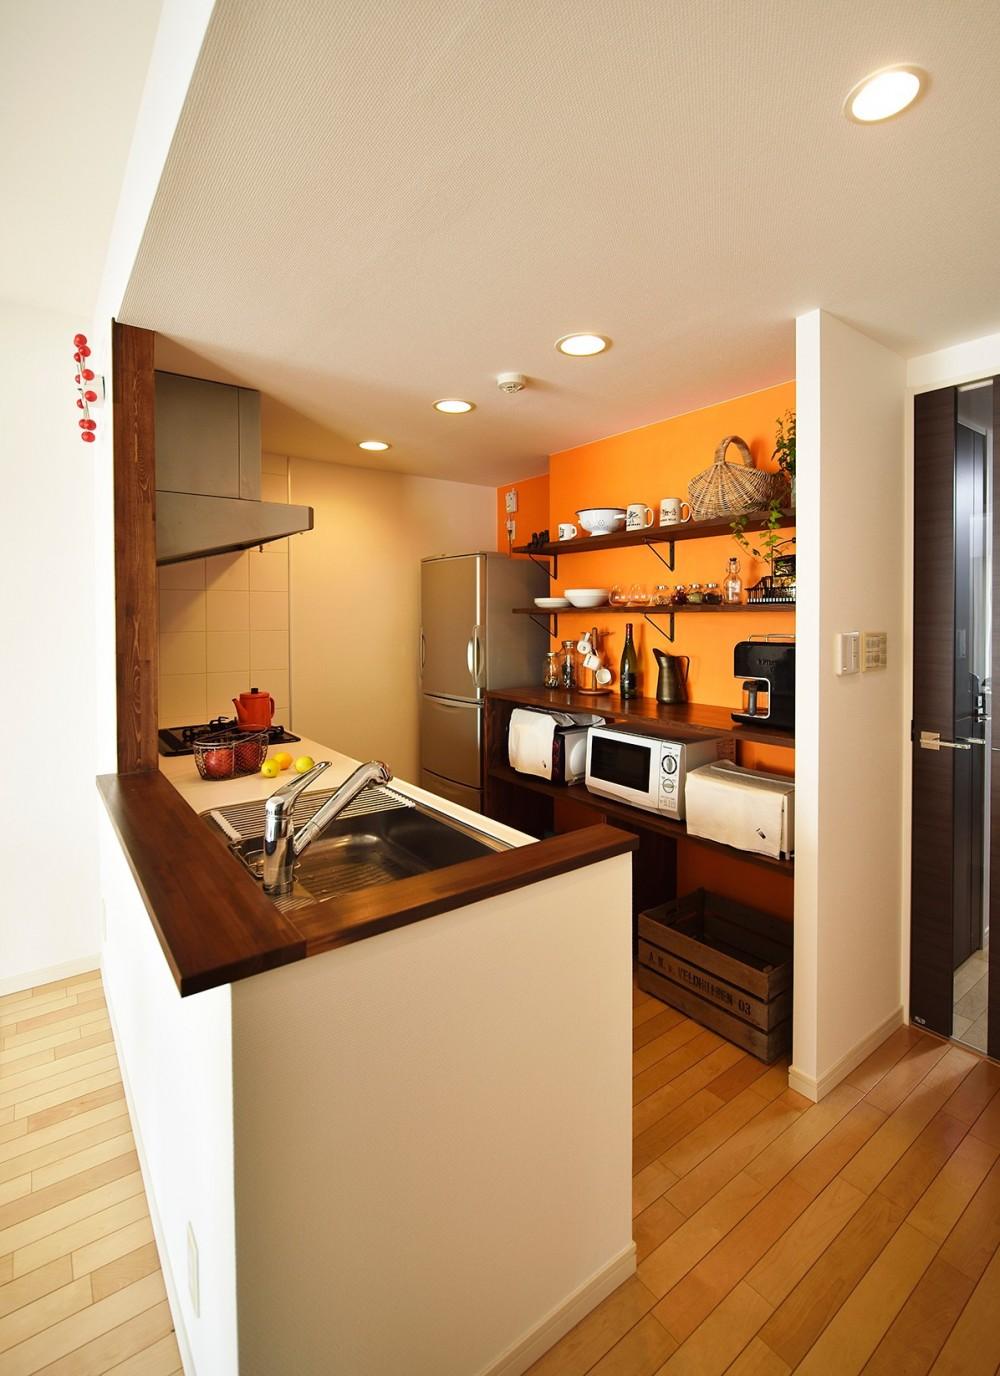 単身リノベはリラックスできる癒し空間 (既存の設備をそのまま活かしたキッチン)